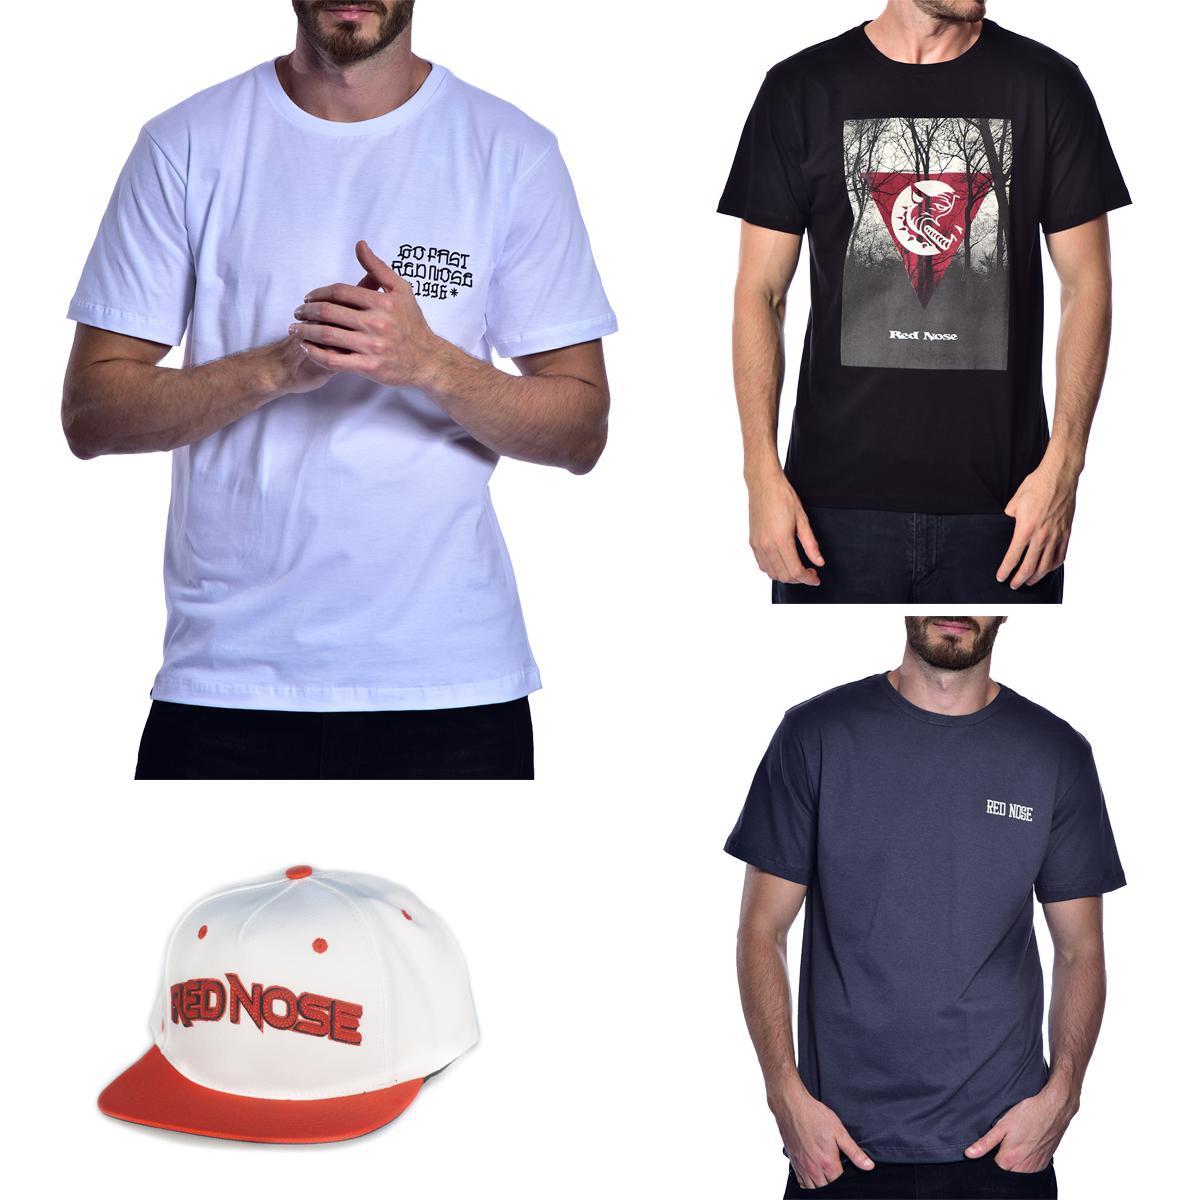 KIT 3 Camisetas e Boné Red Nose - Branco e Preto e Cinza P